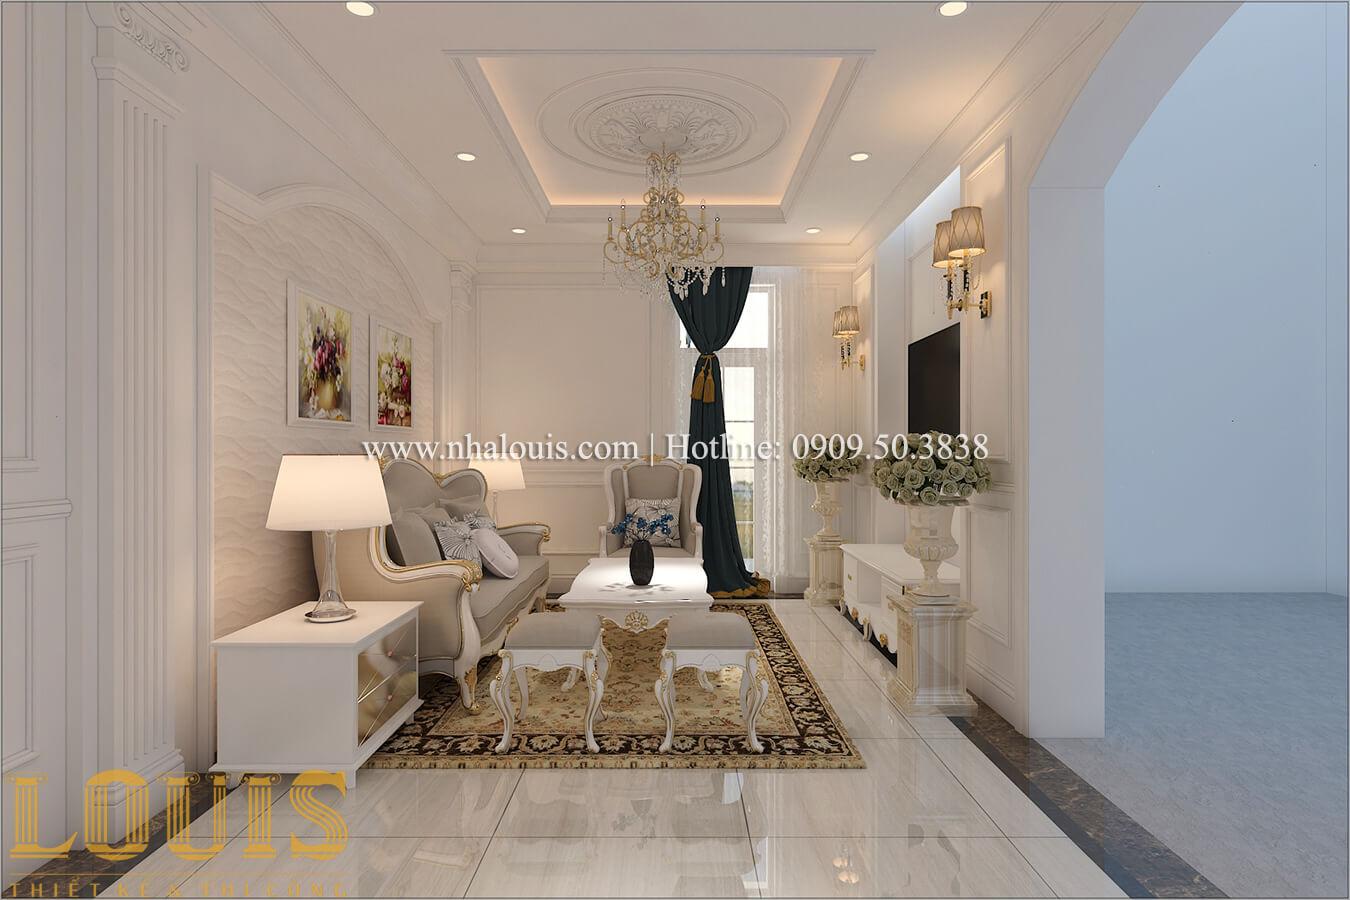 Phòng sinh hoạt chung Mẫu biệt thự đẹp 3 tầng vừa ở vừa kinh doanh tại Đồng Nai